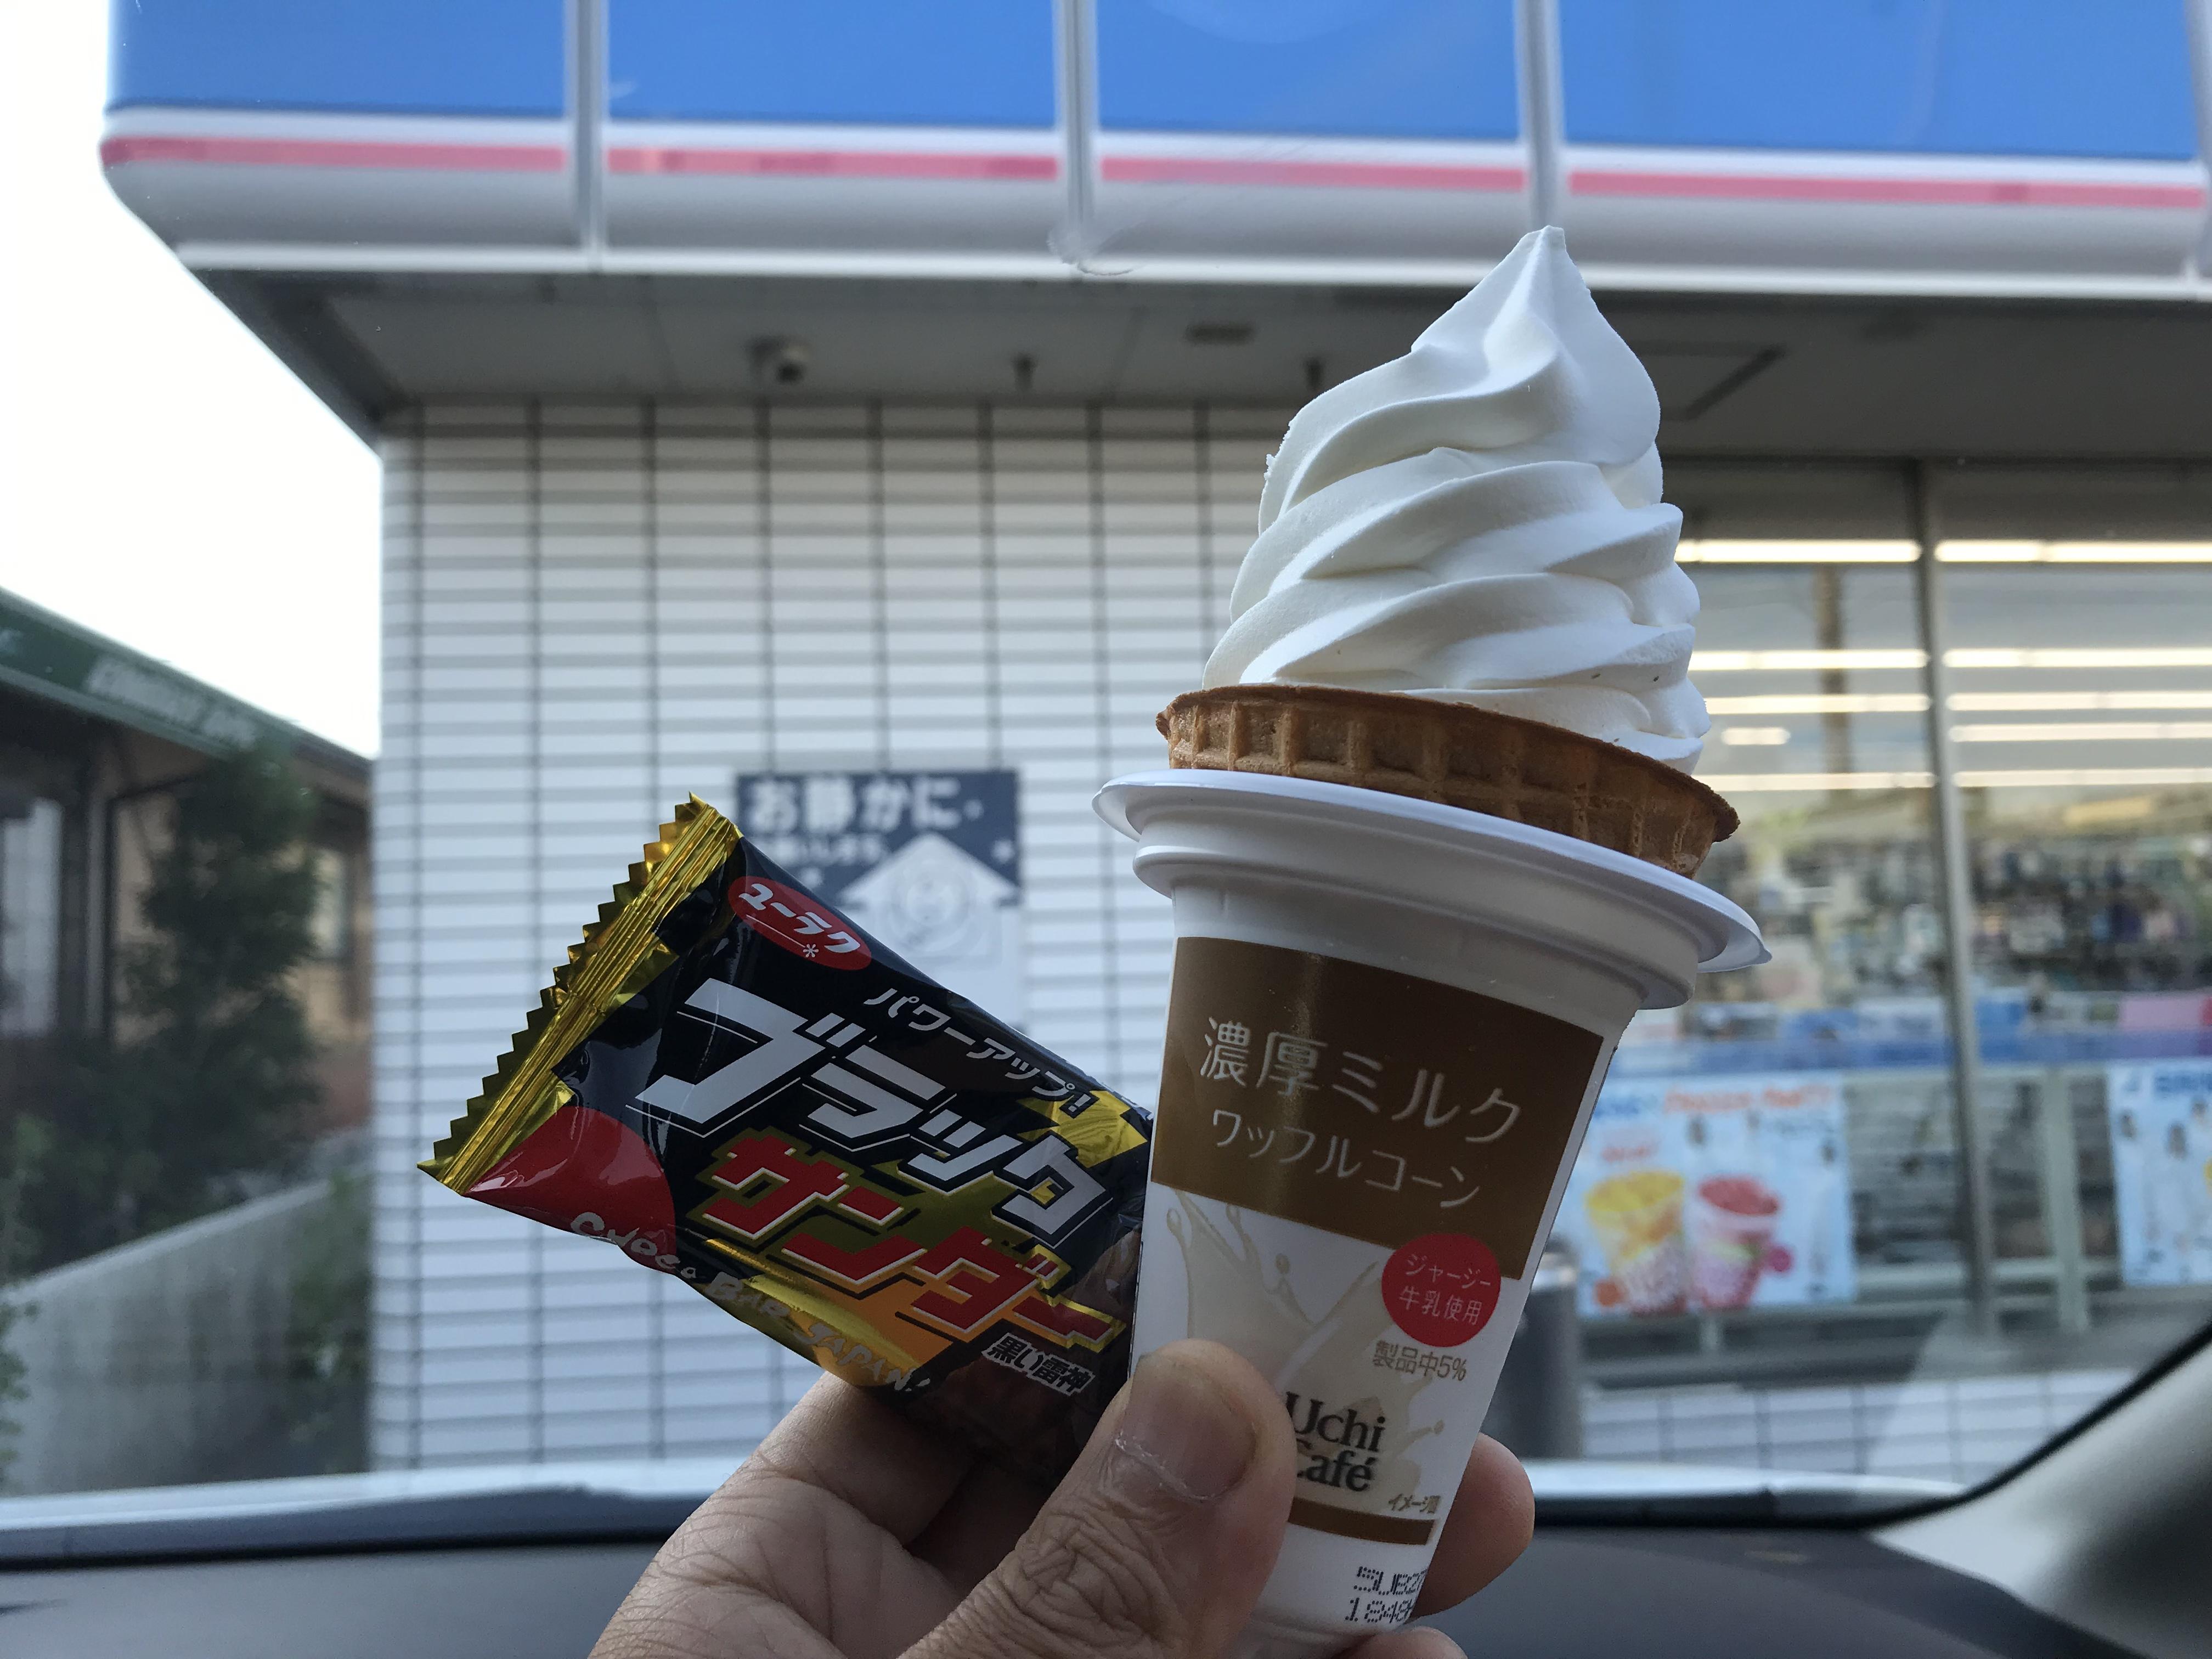 ブラックサンダー無料引換券とアイスクリーム格安クーポンを使ってみました